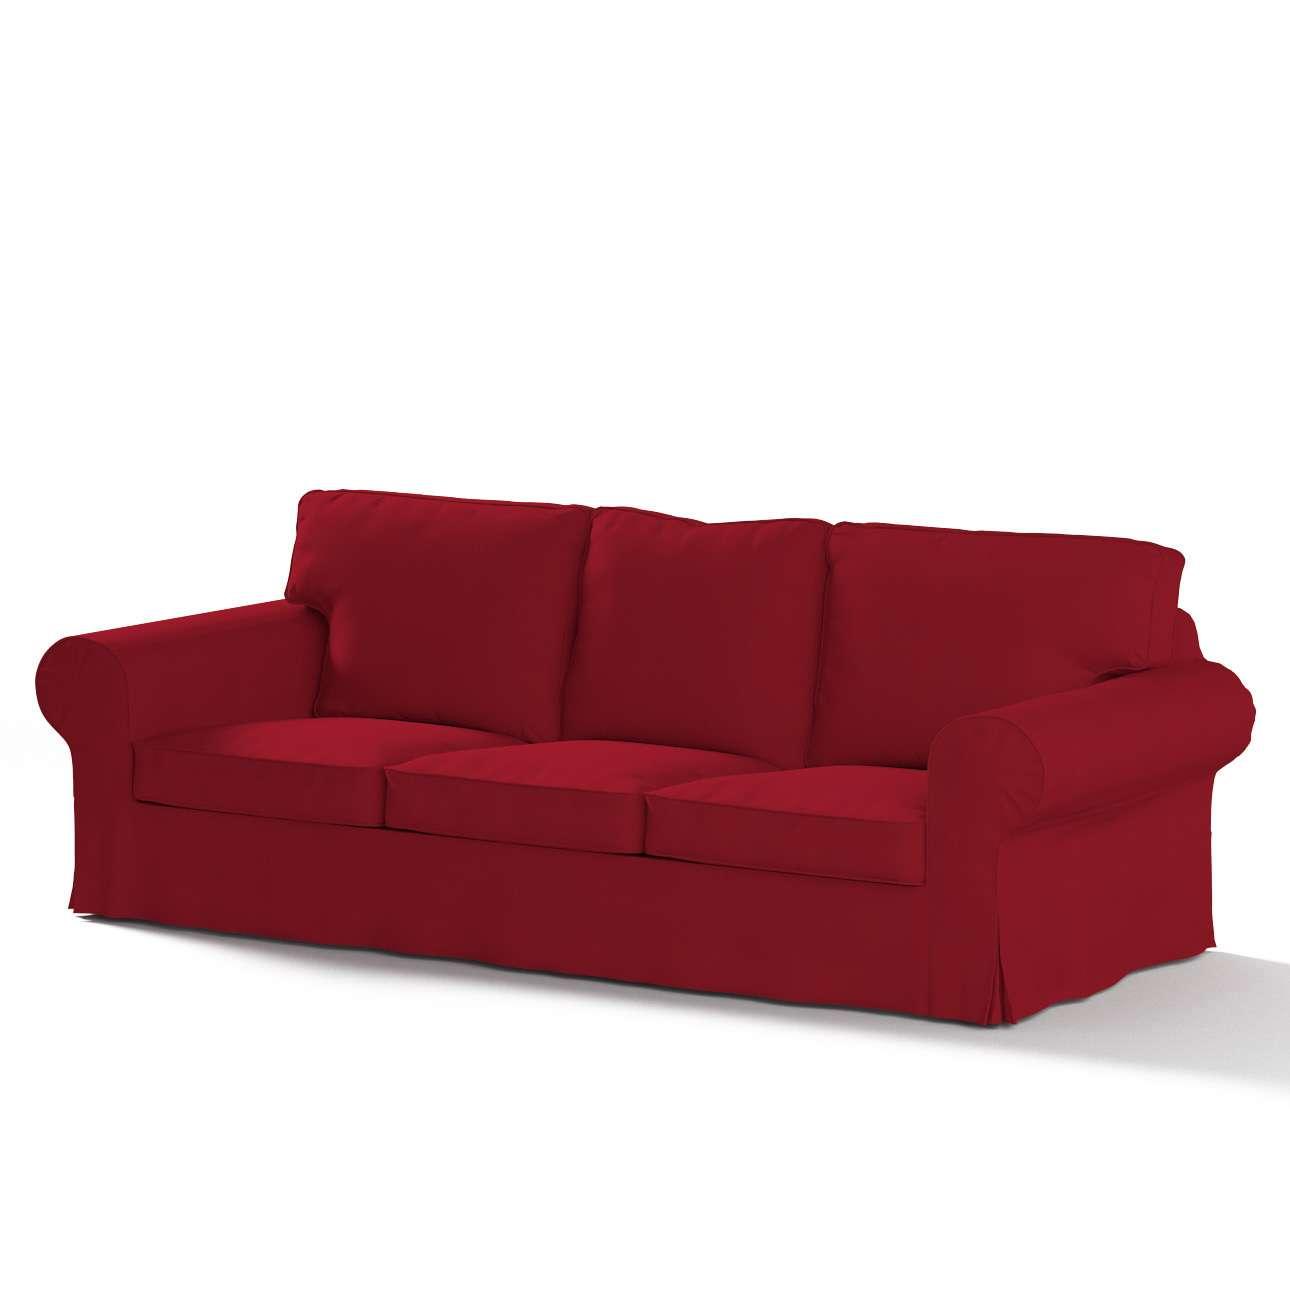 Pokrowiec na sofę Ektorp 3-osobową, nierozkładaną Sofa Ektorp 3-osobowa w kolekcji Chenille, tkanina: 702-24